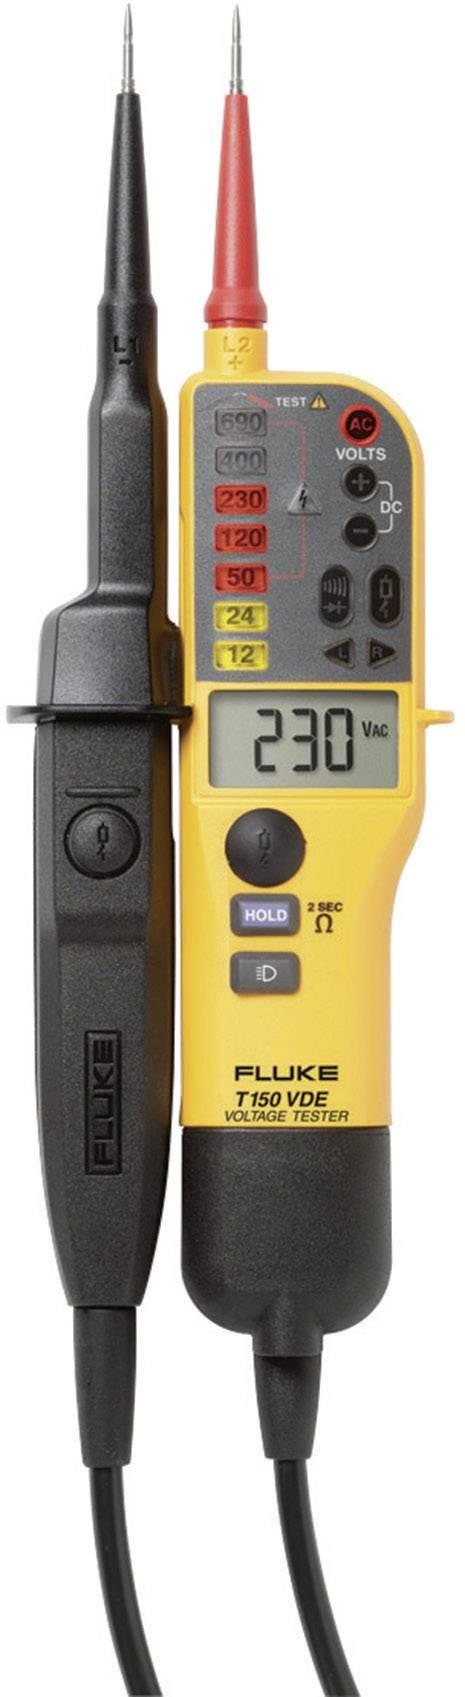 Dvojpólová skúšačka napätia Fluke T150/VDE